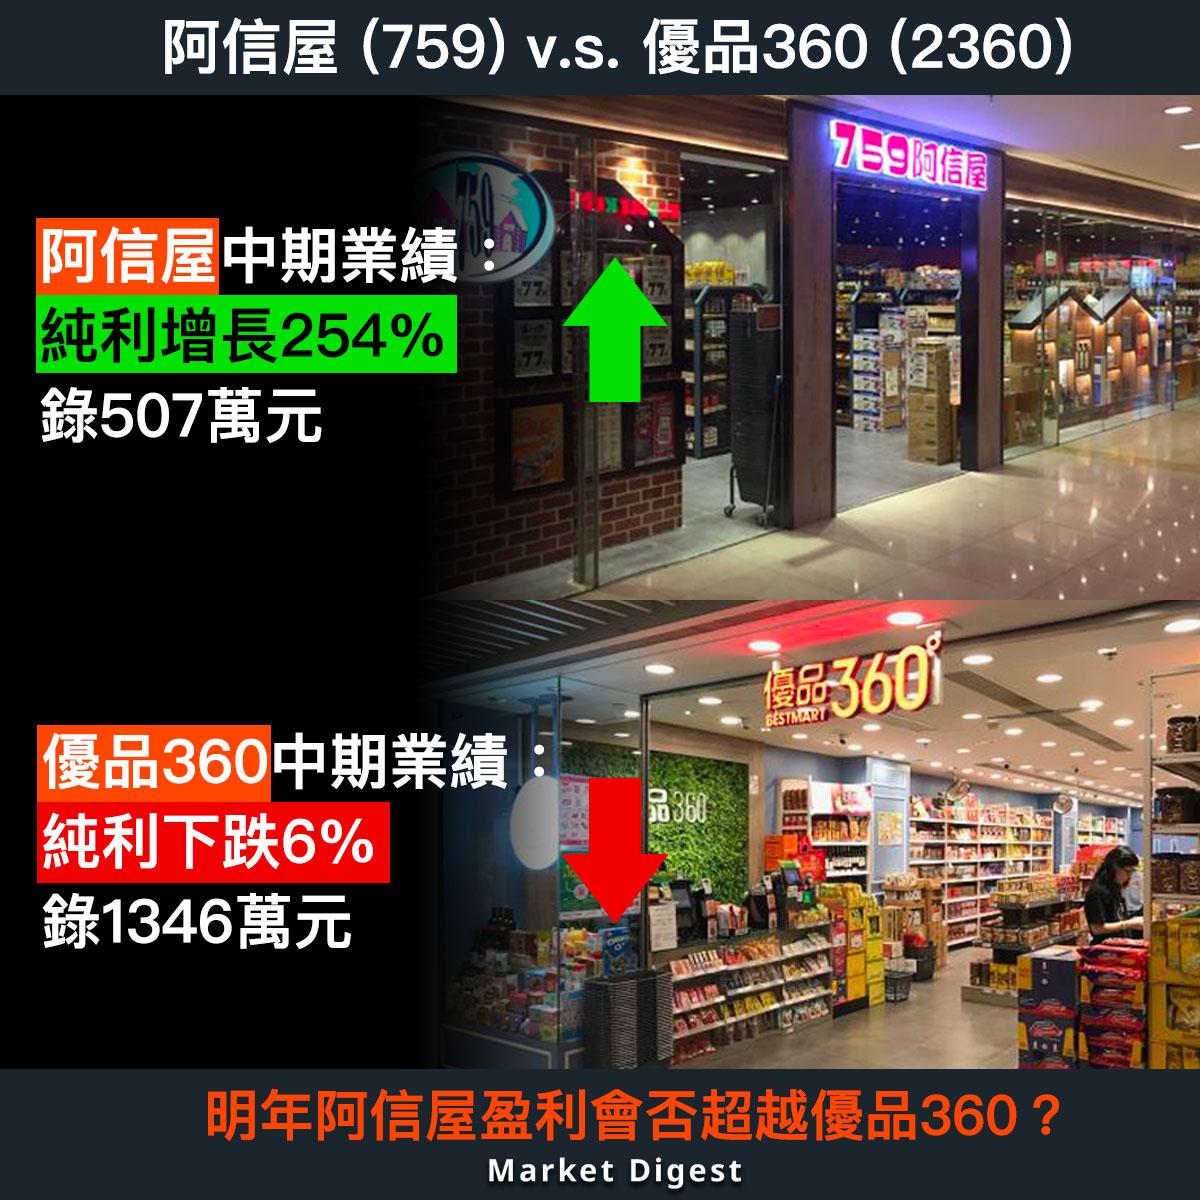 【市場熱話】阿信屋 (759) v.s. 優品360 (2360)